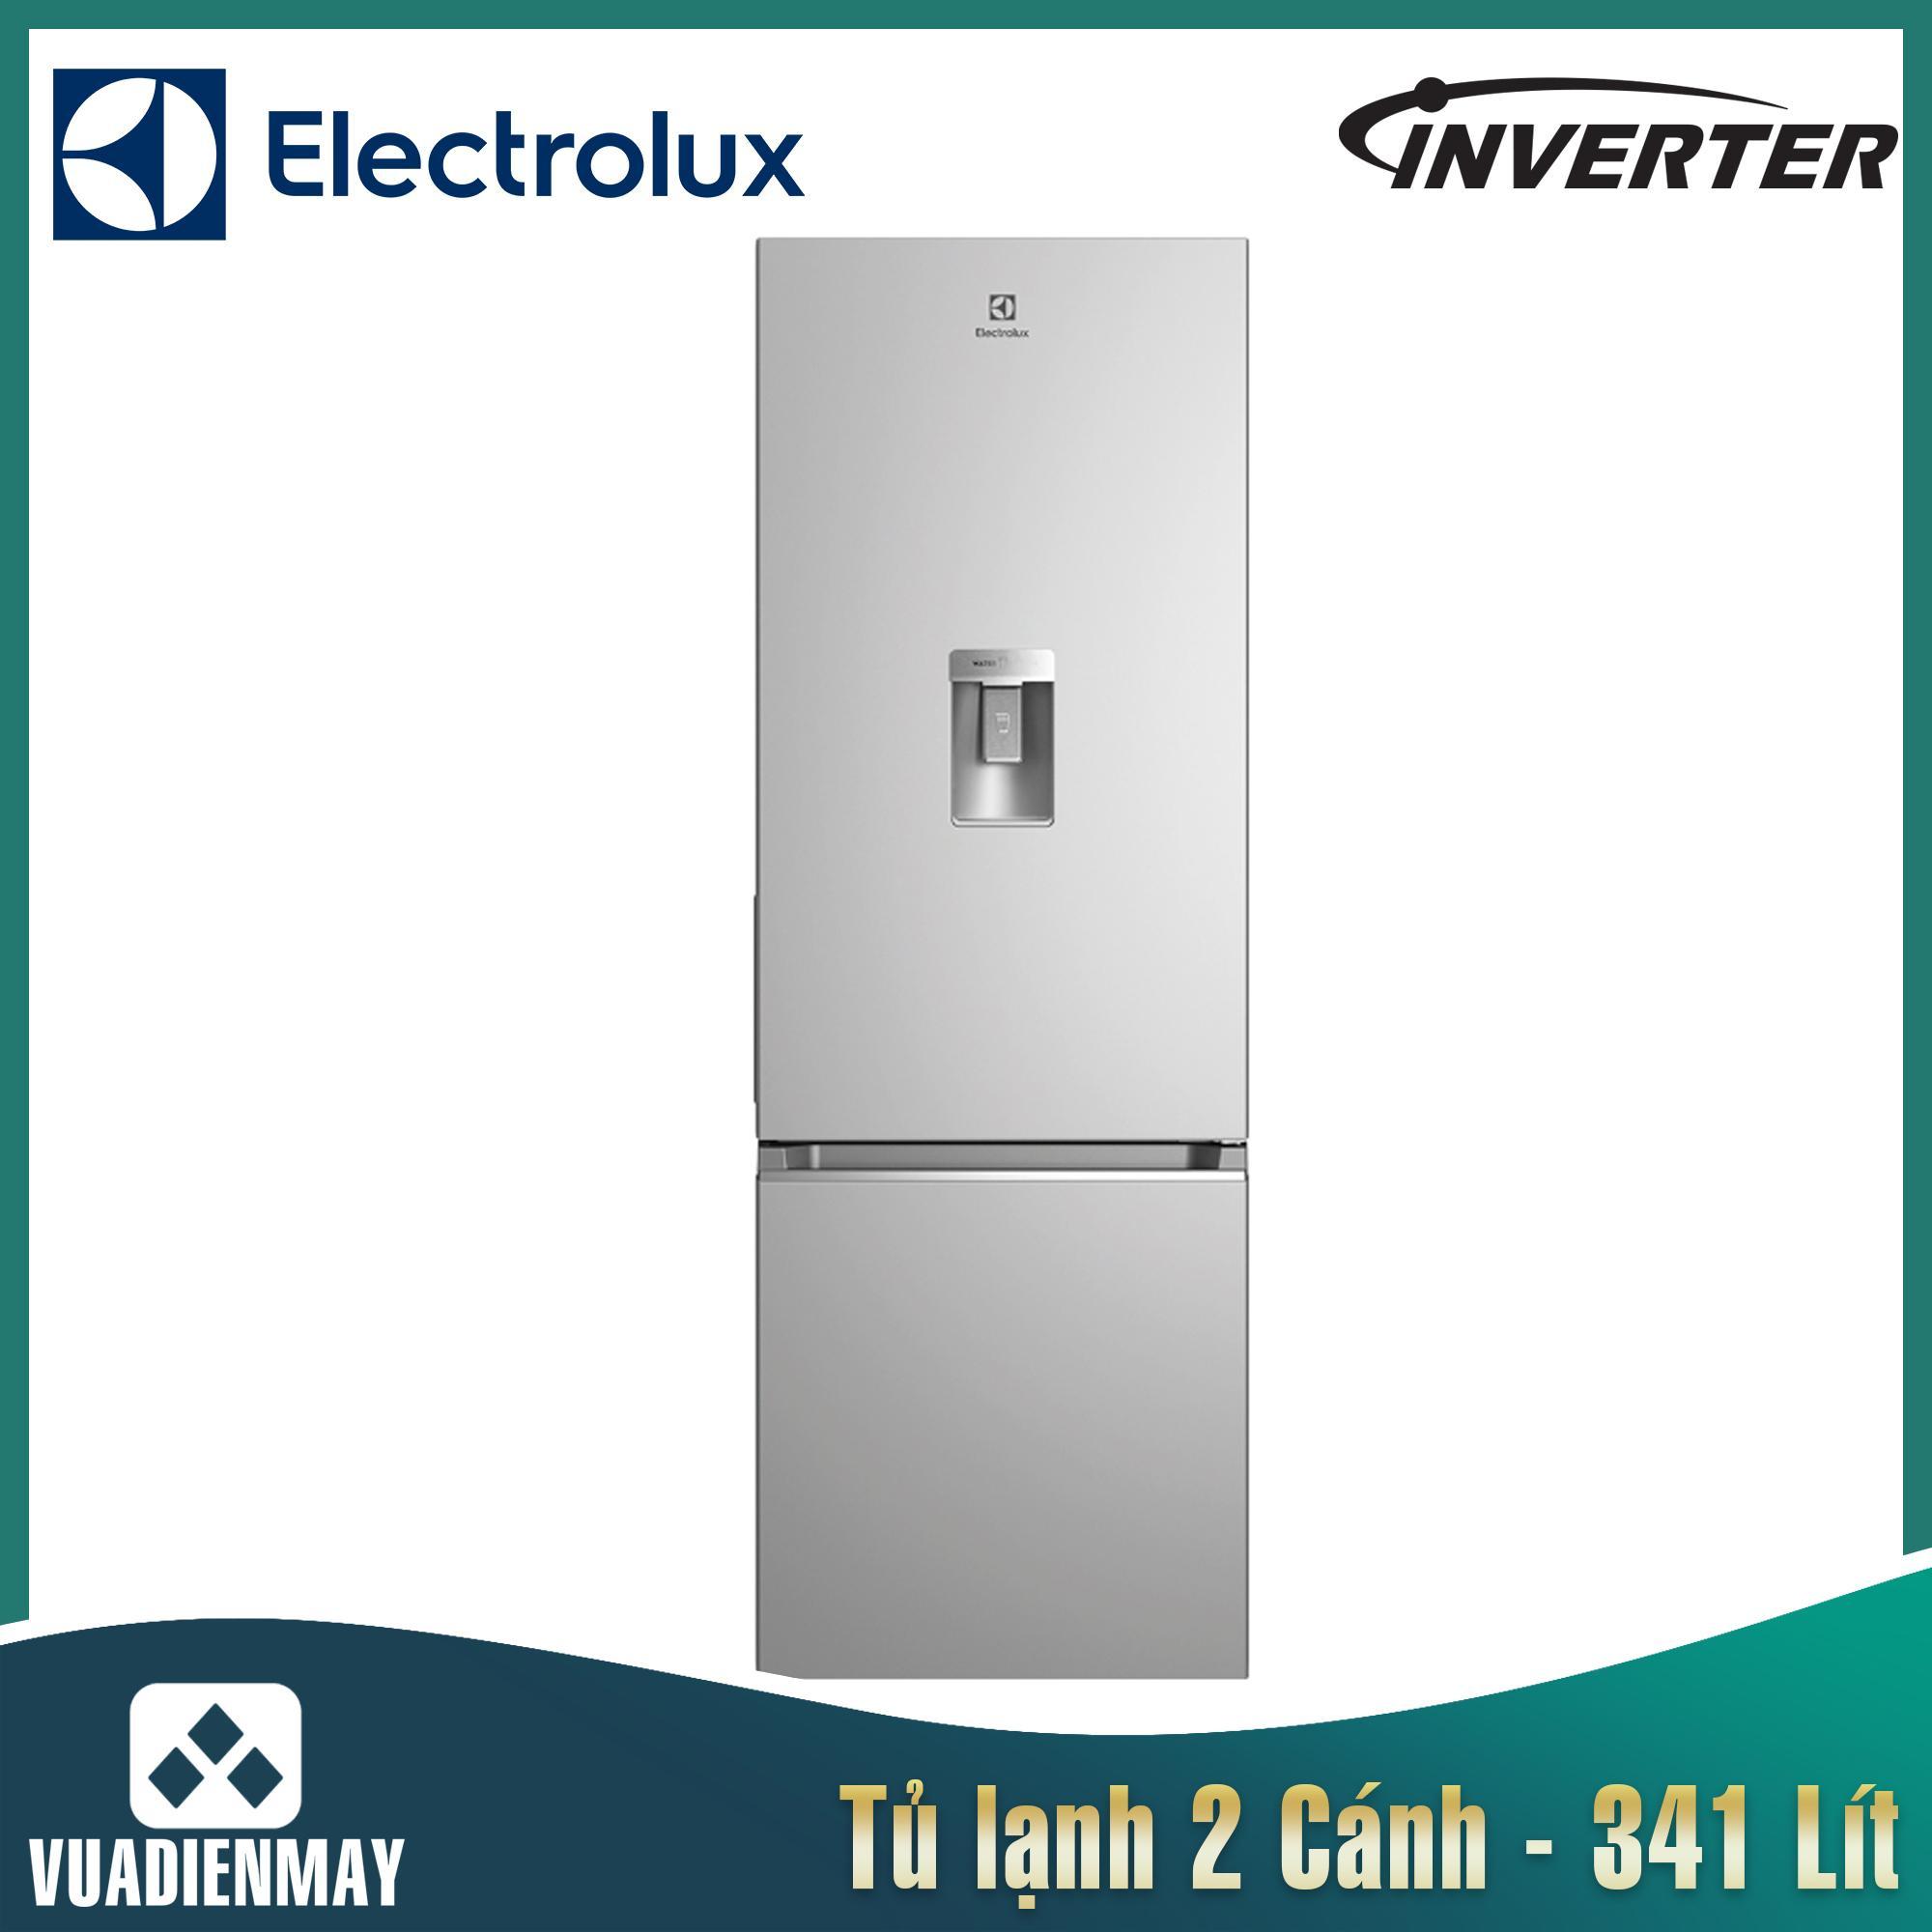 Tủ lạnh Electrolux Inverter 341 lít bạc